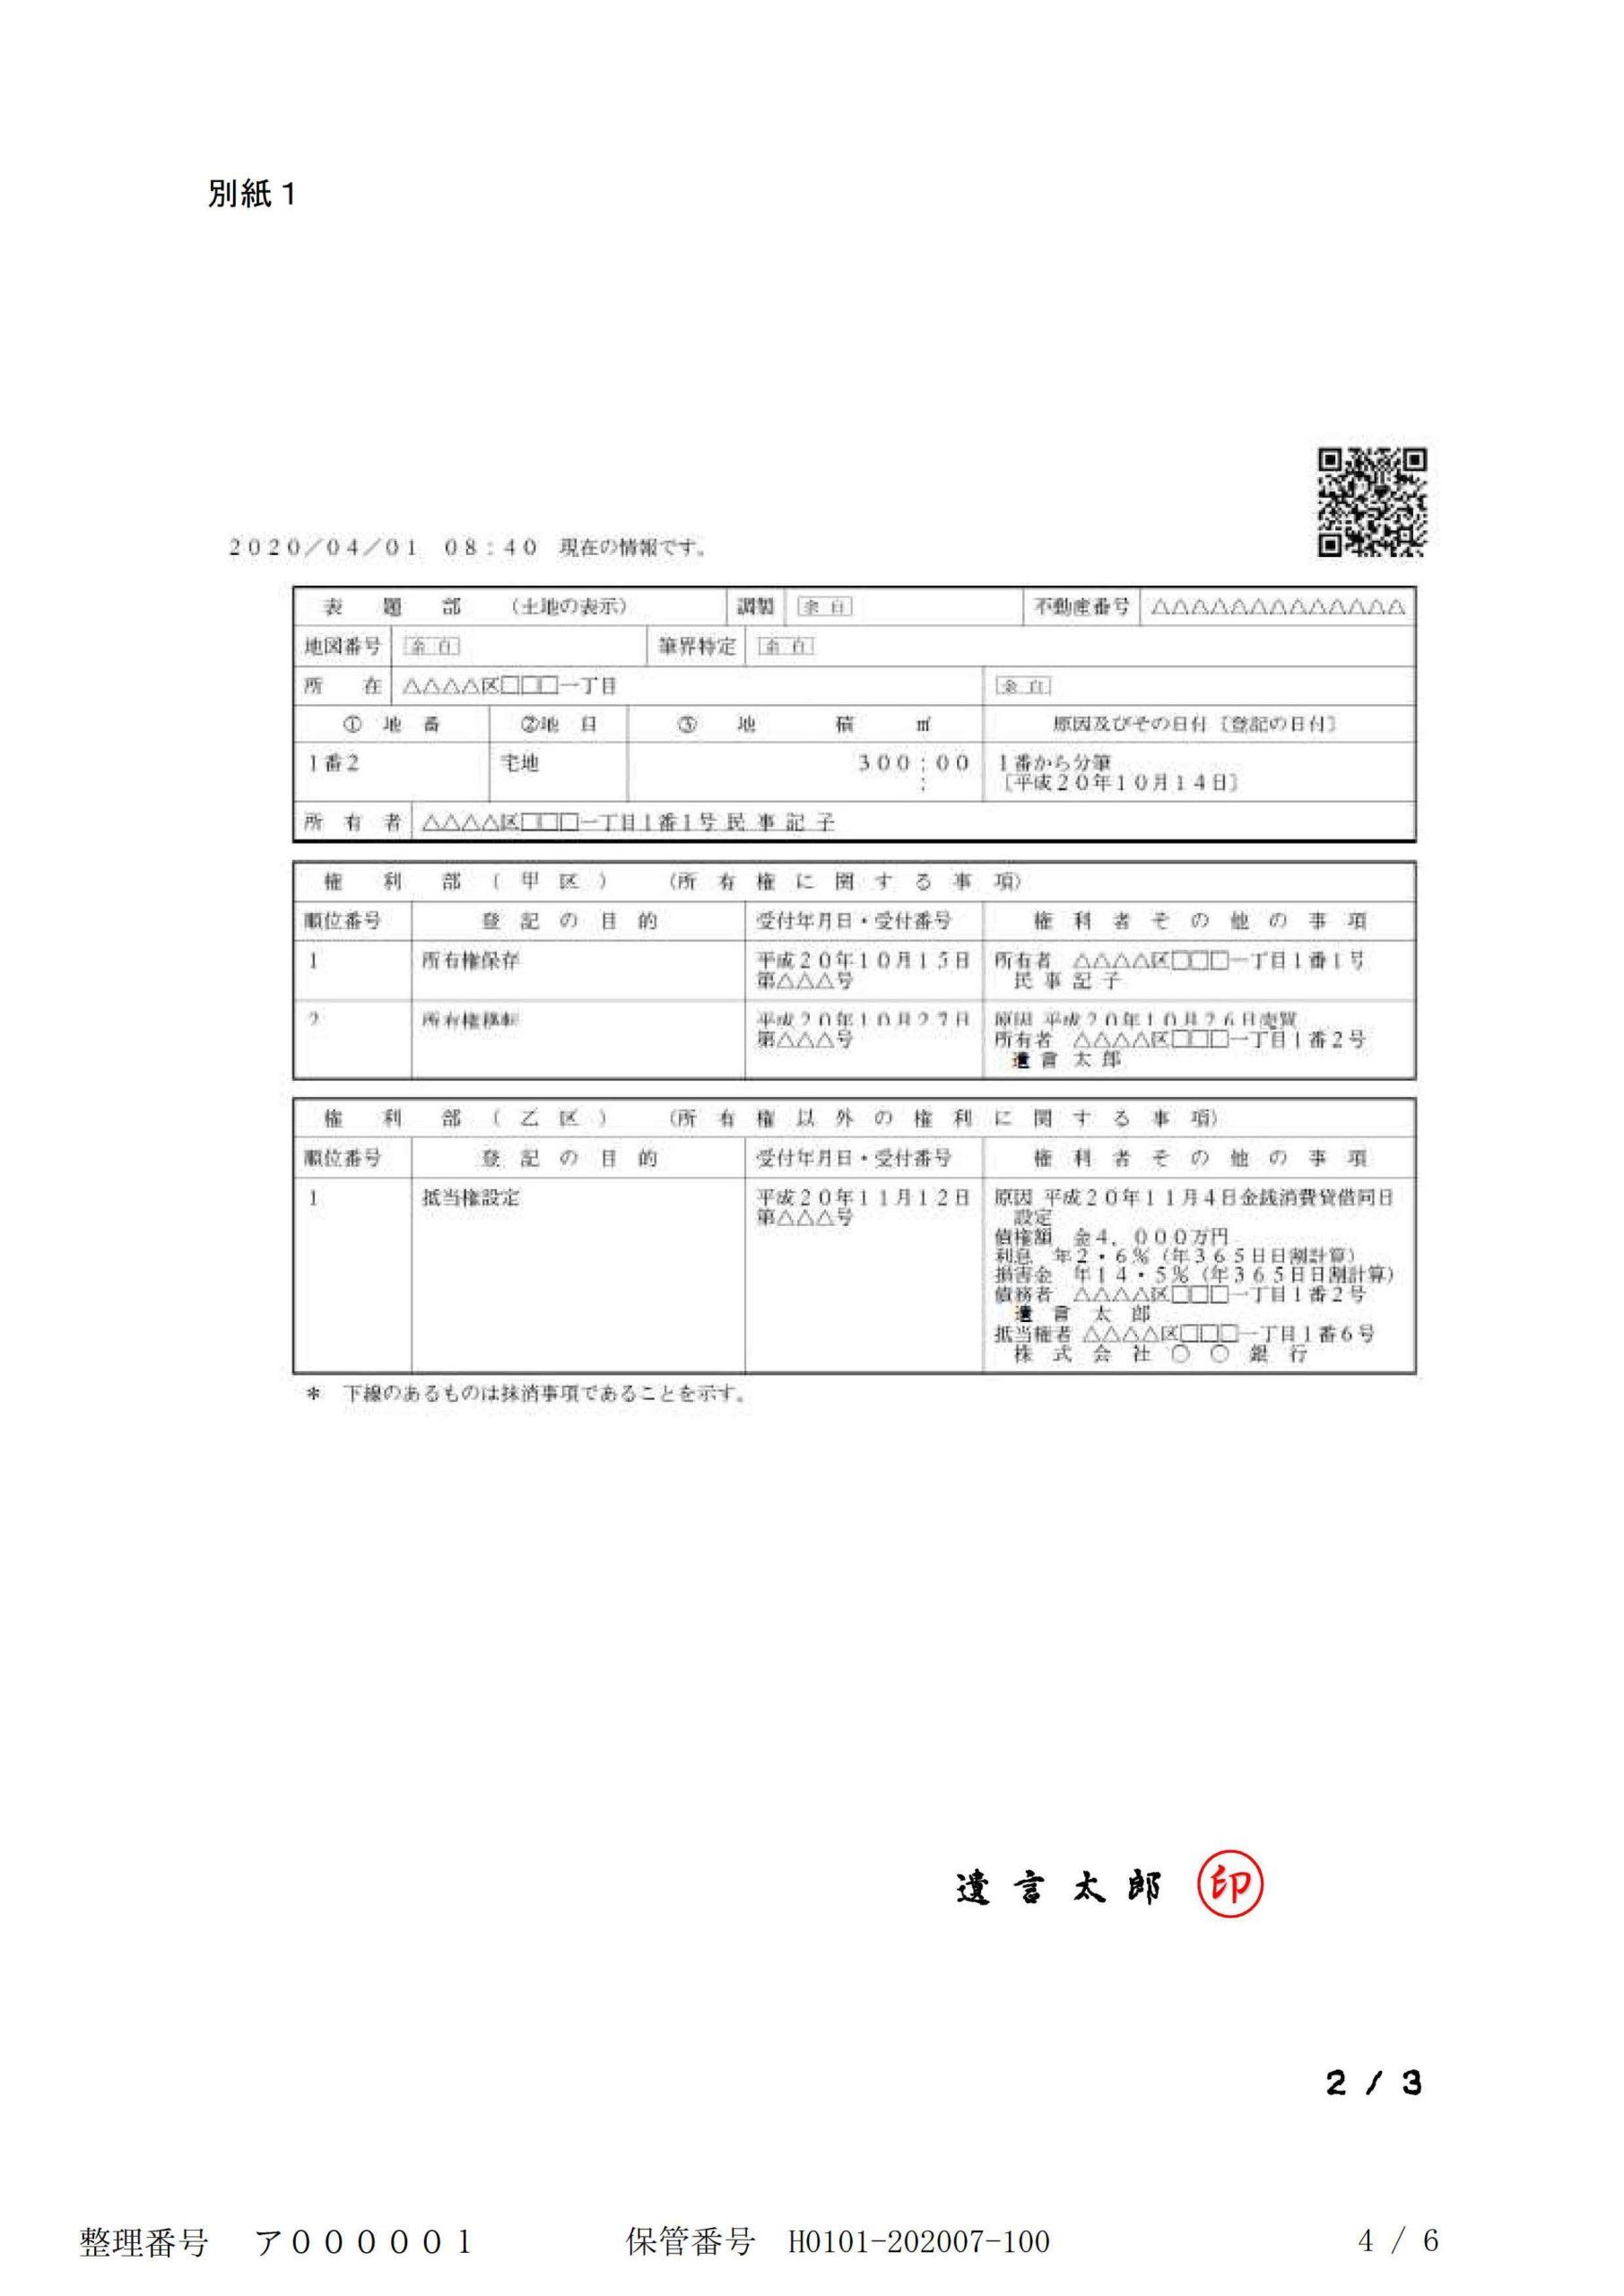 遺言書情報証明書の不動産部分